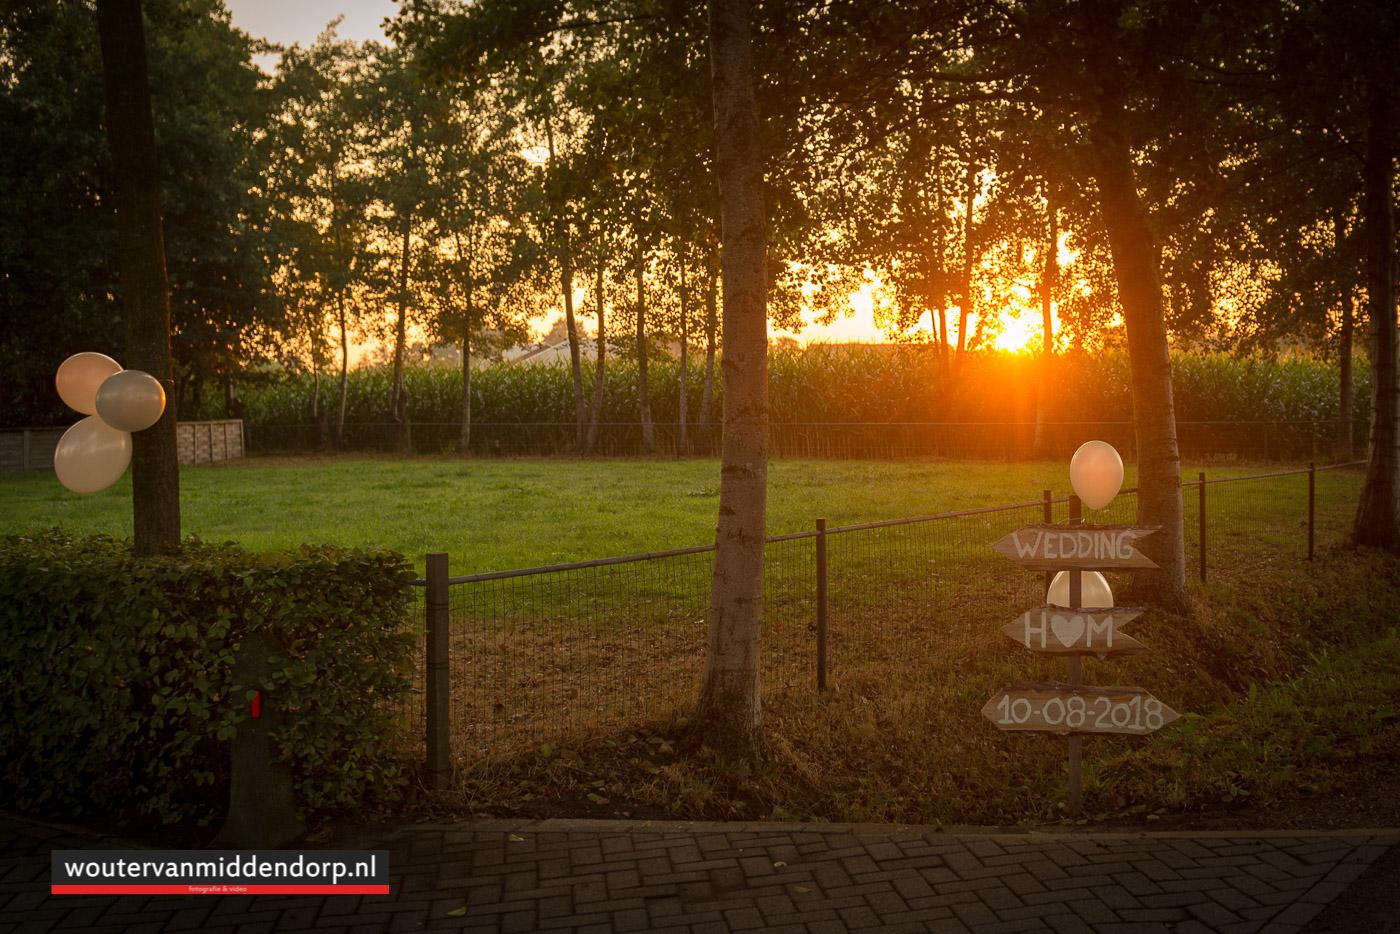 bruidsfotografie Wouter van Middendorp Uddel, Harskamp, Lunteren, Barneveld, fotograaf-11